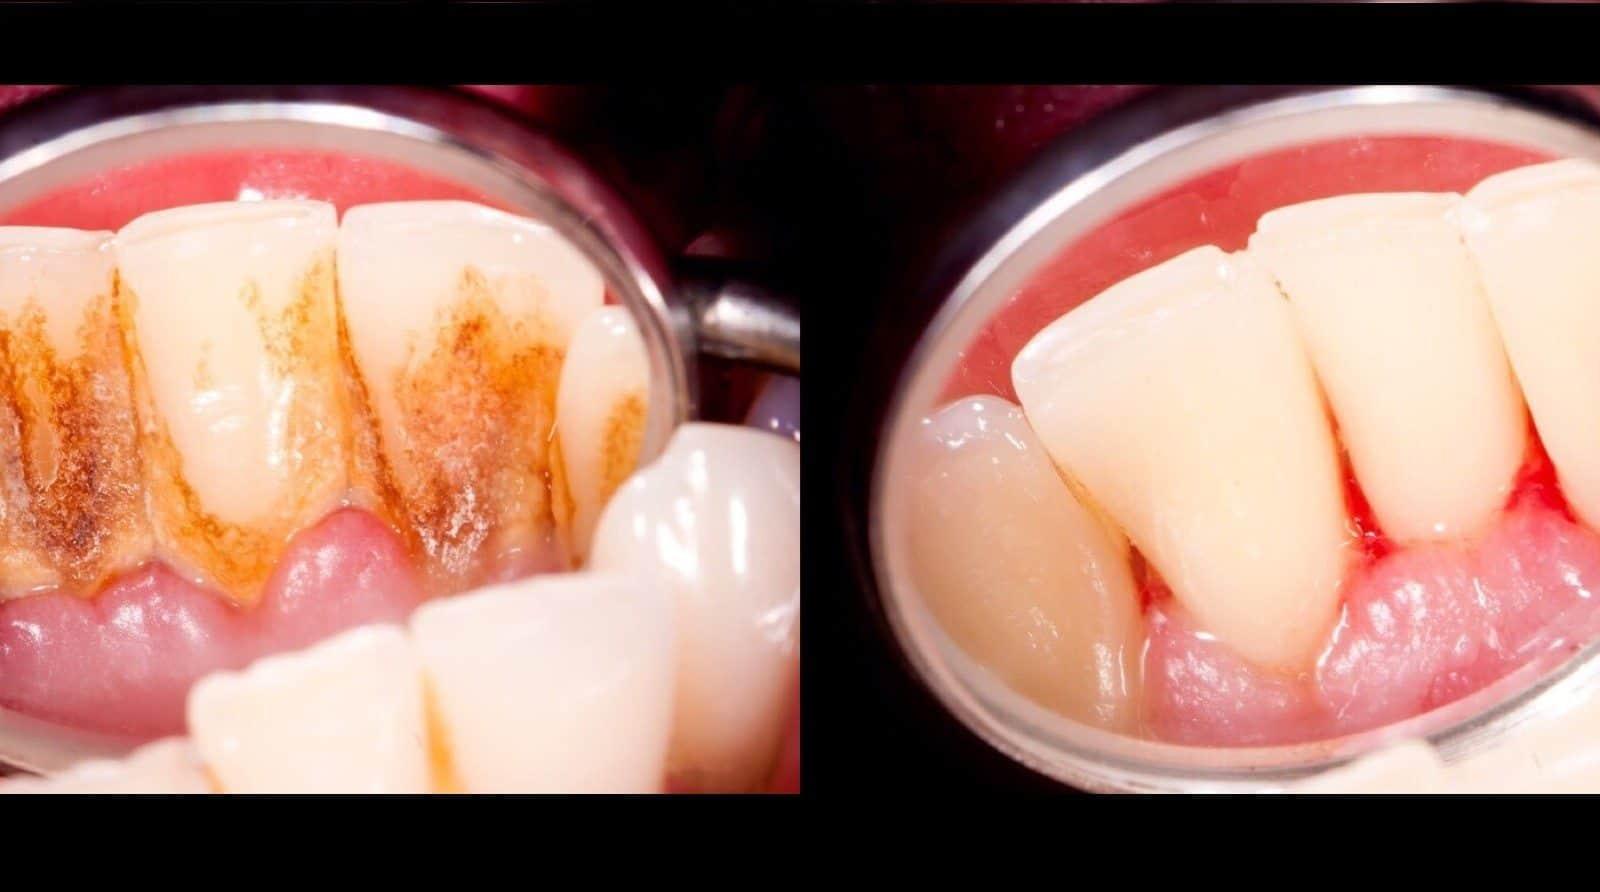 جير الاسنان اسبابه و طرق علاجه